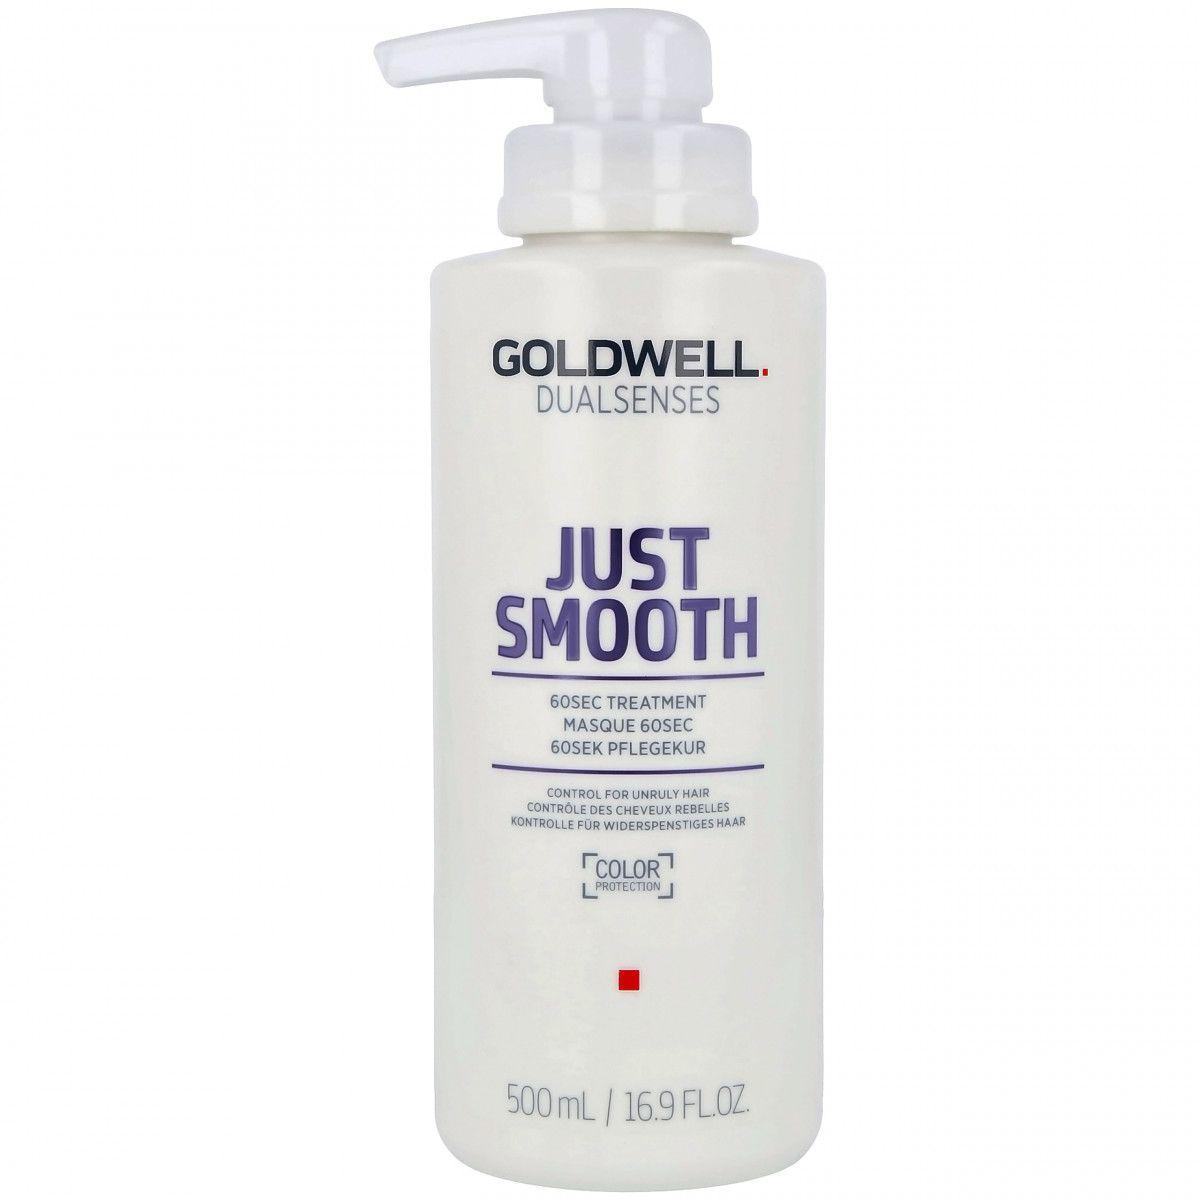 Goldwell Just Smooth 60 sec treatment, maska odbudowuje i wzmacnia włosy 500m